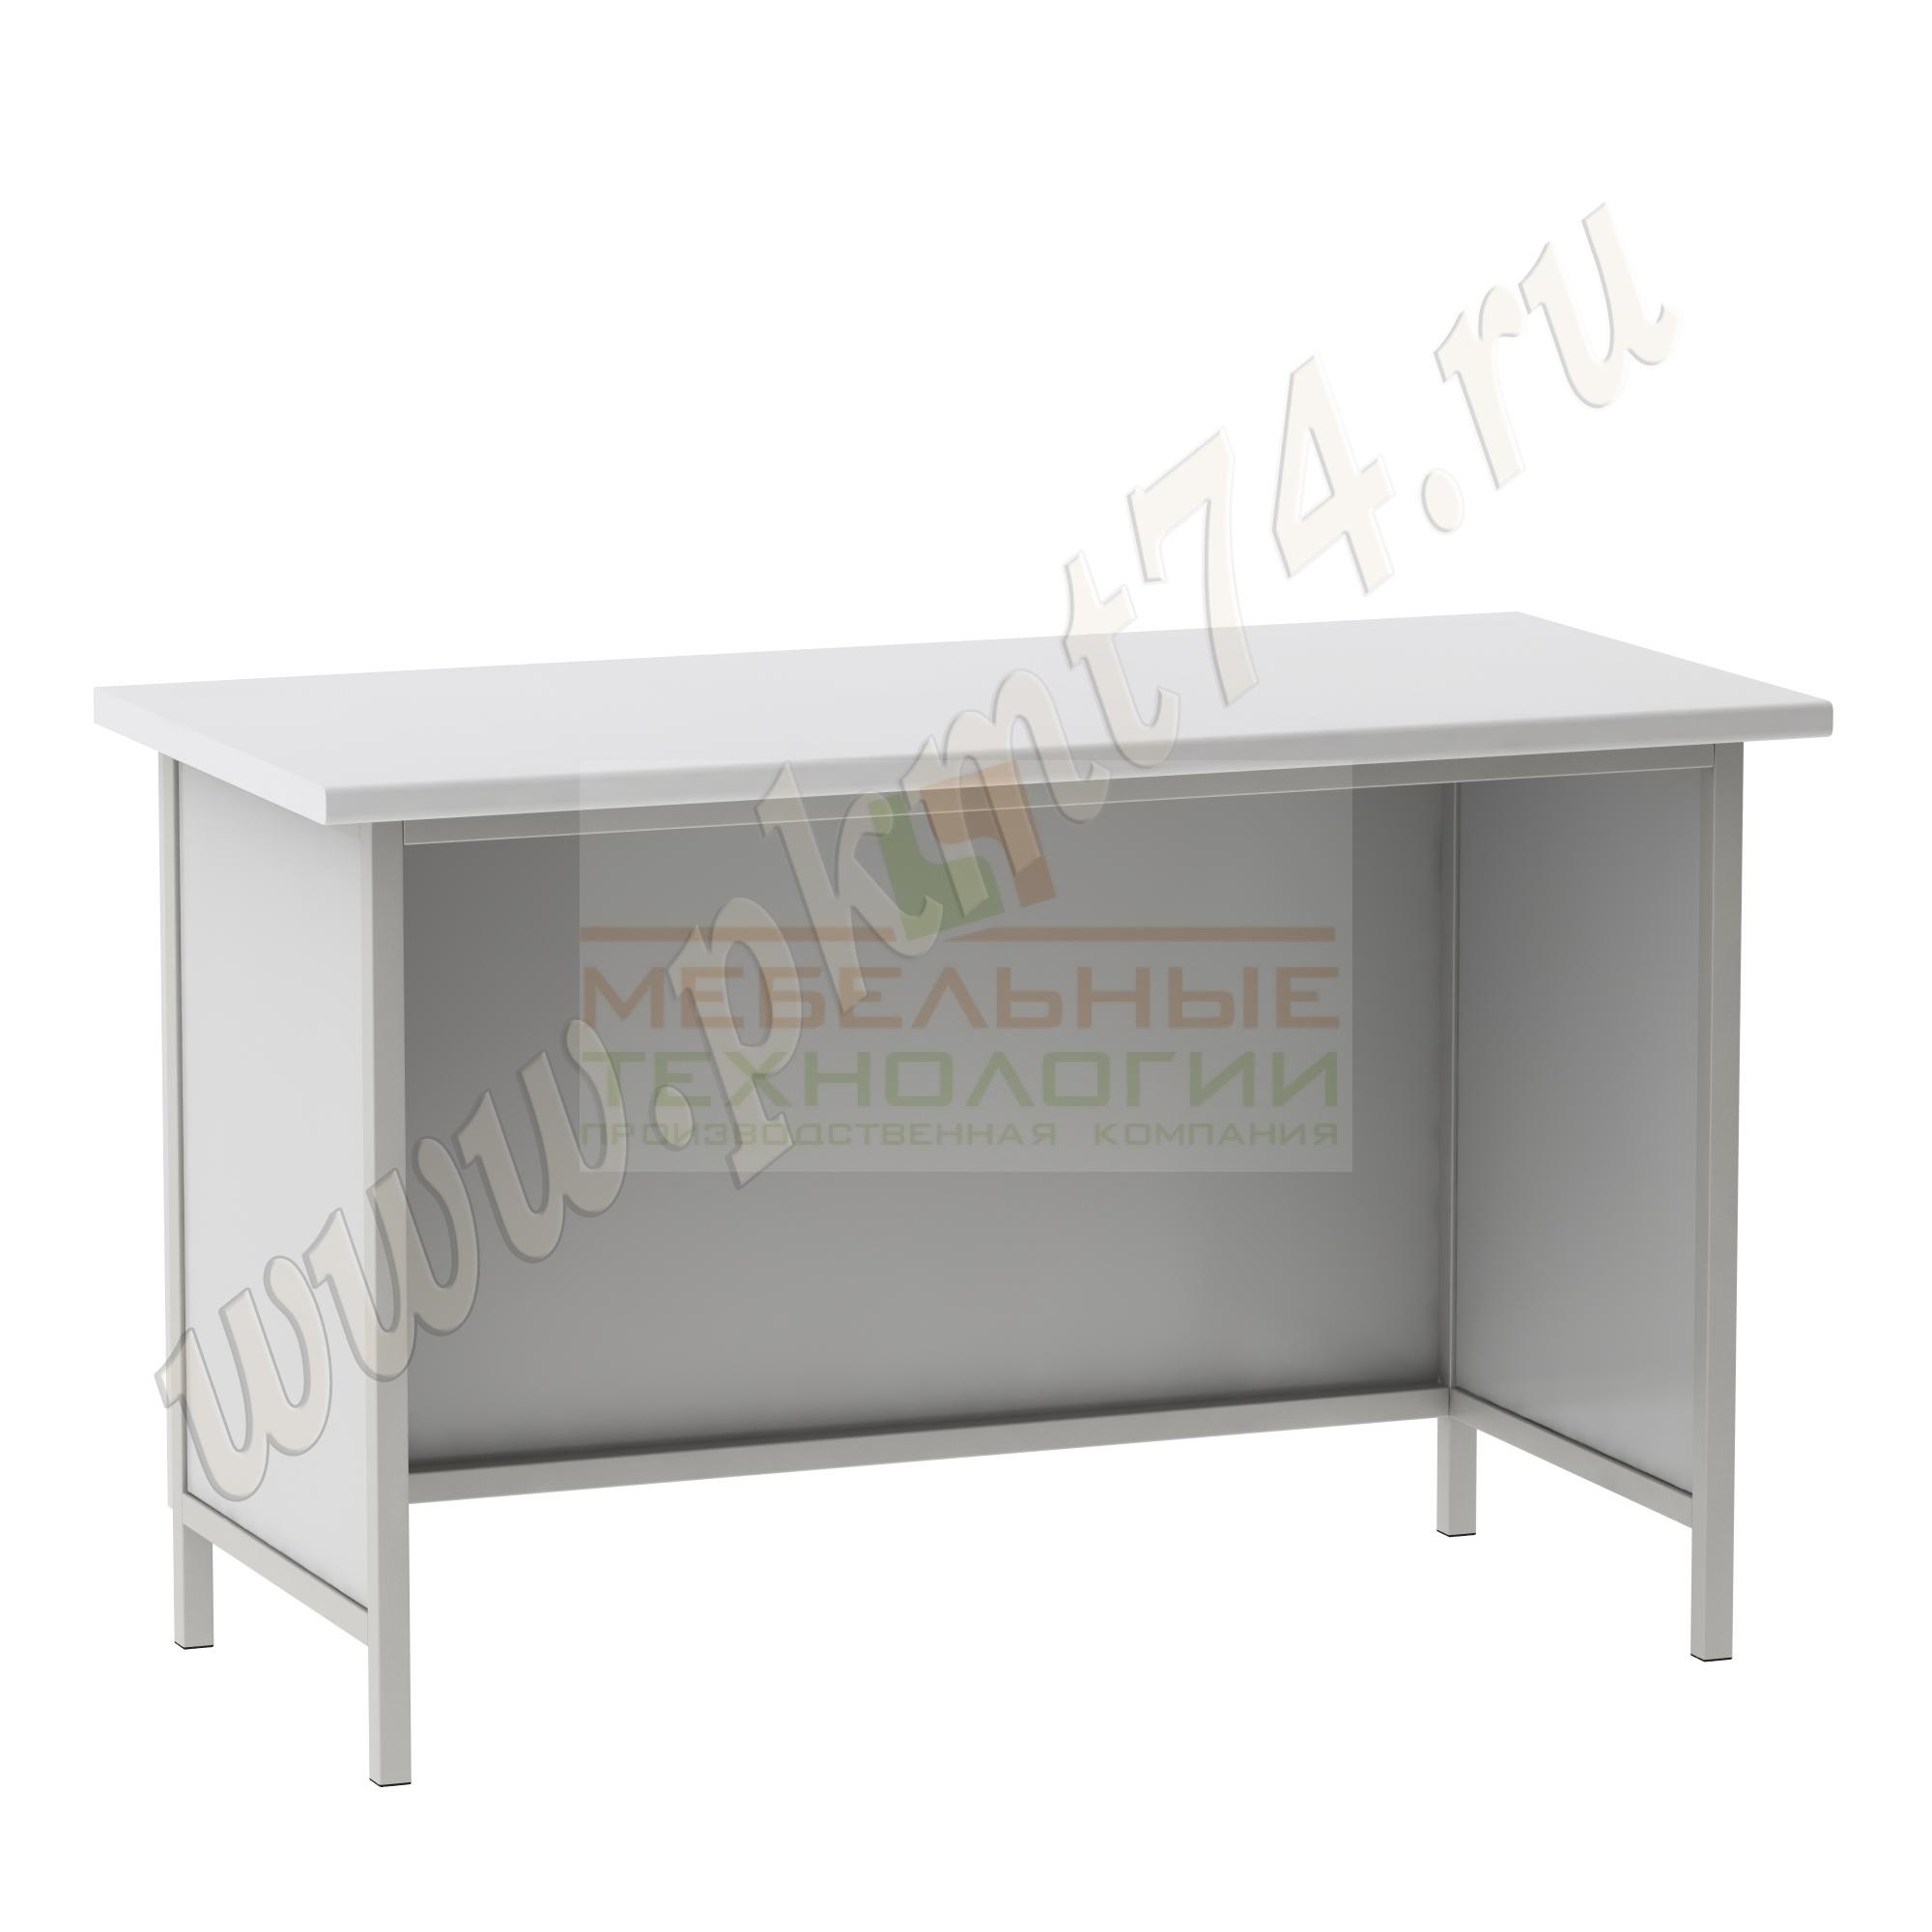 Стол для кабинета химии усиленный МТ 23-1 Серый